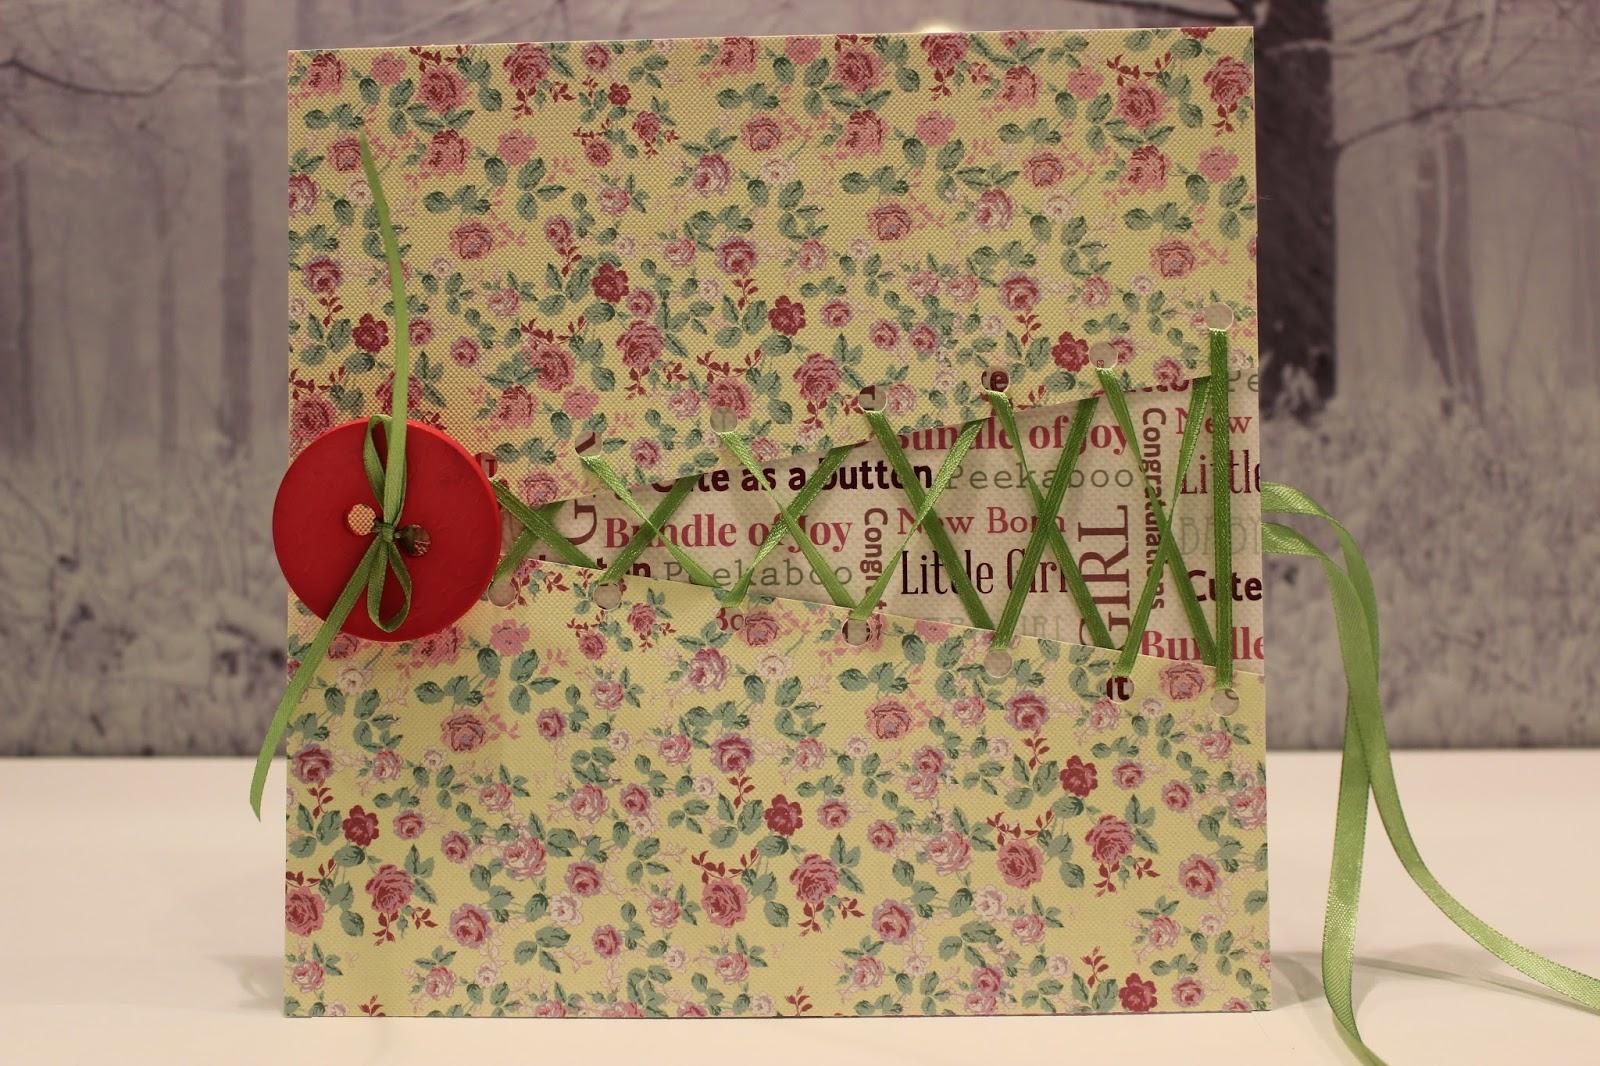 обложка для альбома скрапбукинг